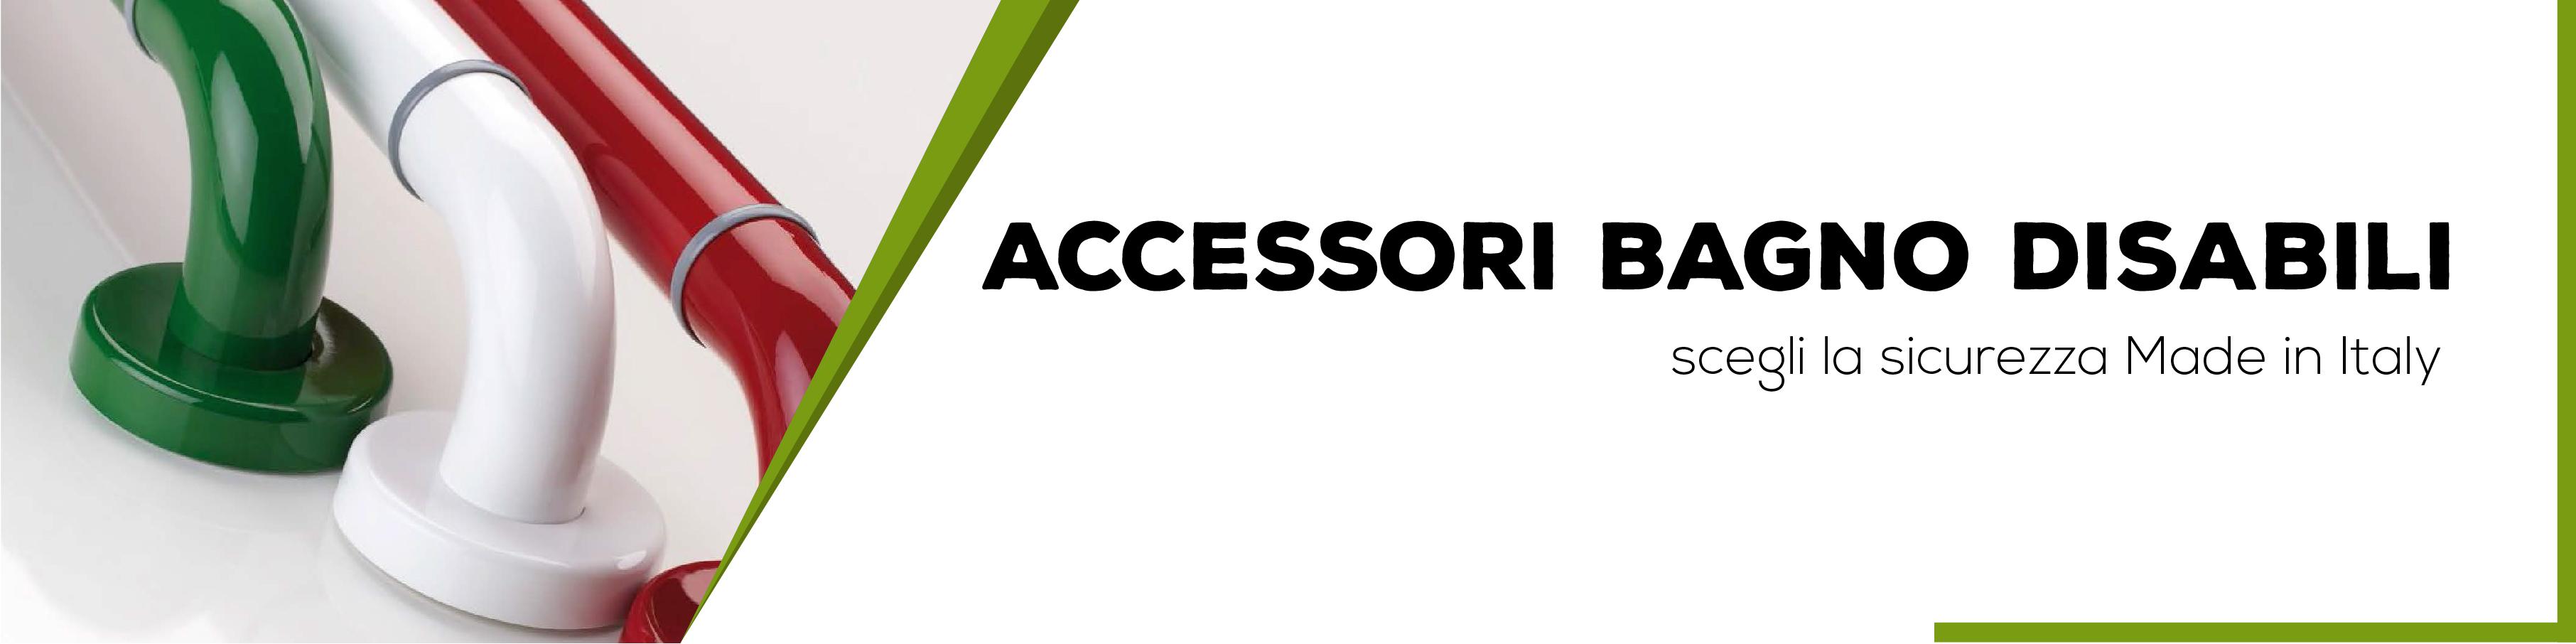 Accessori bagno disabili bagno italiano for Accessori bagno disabili